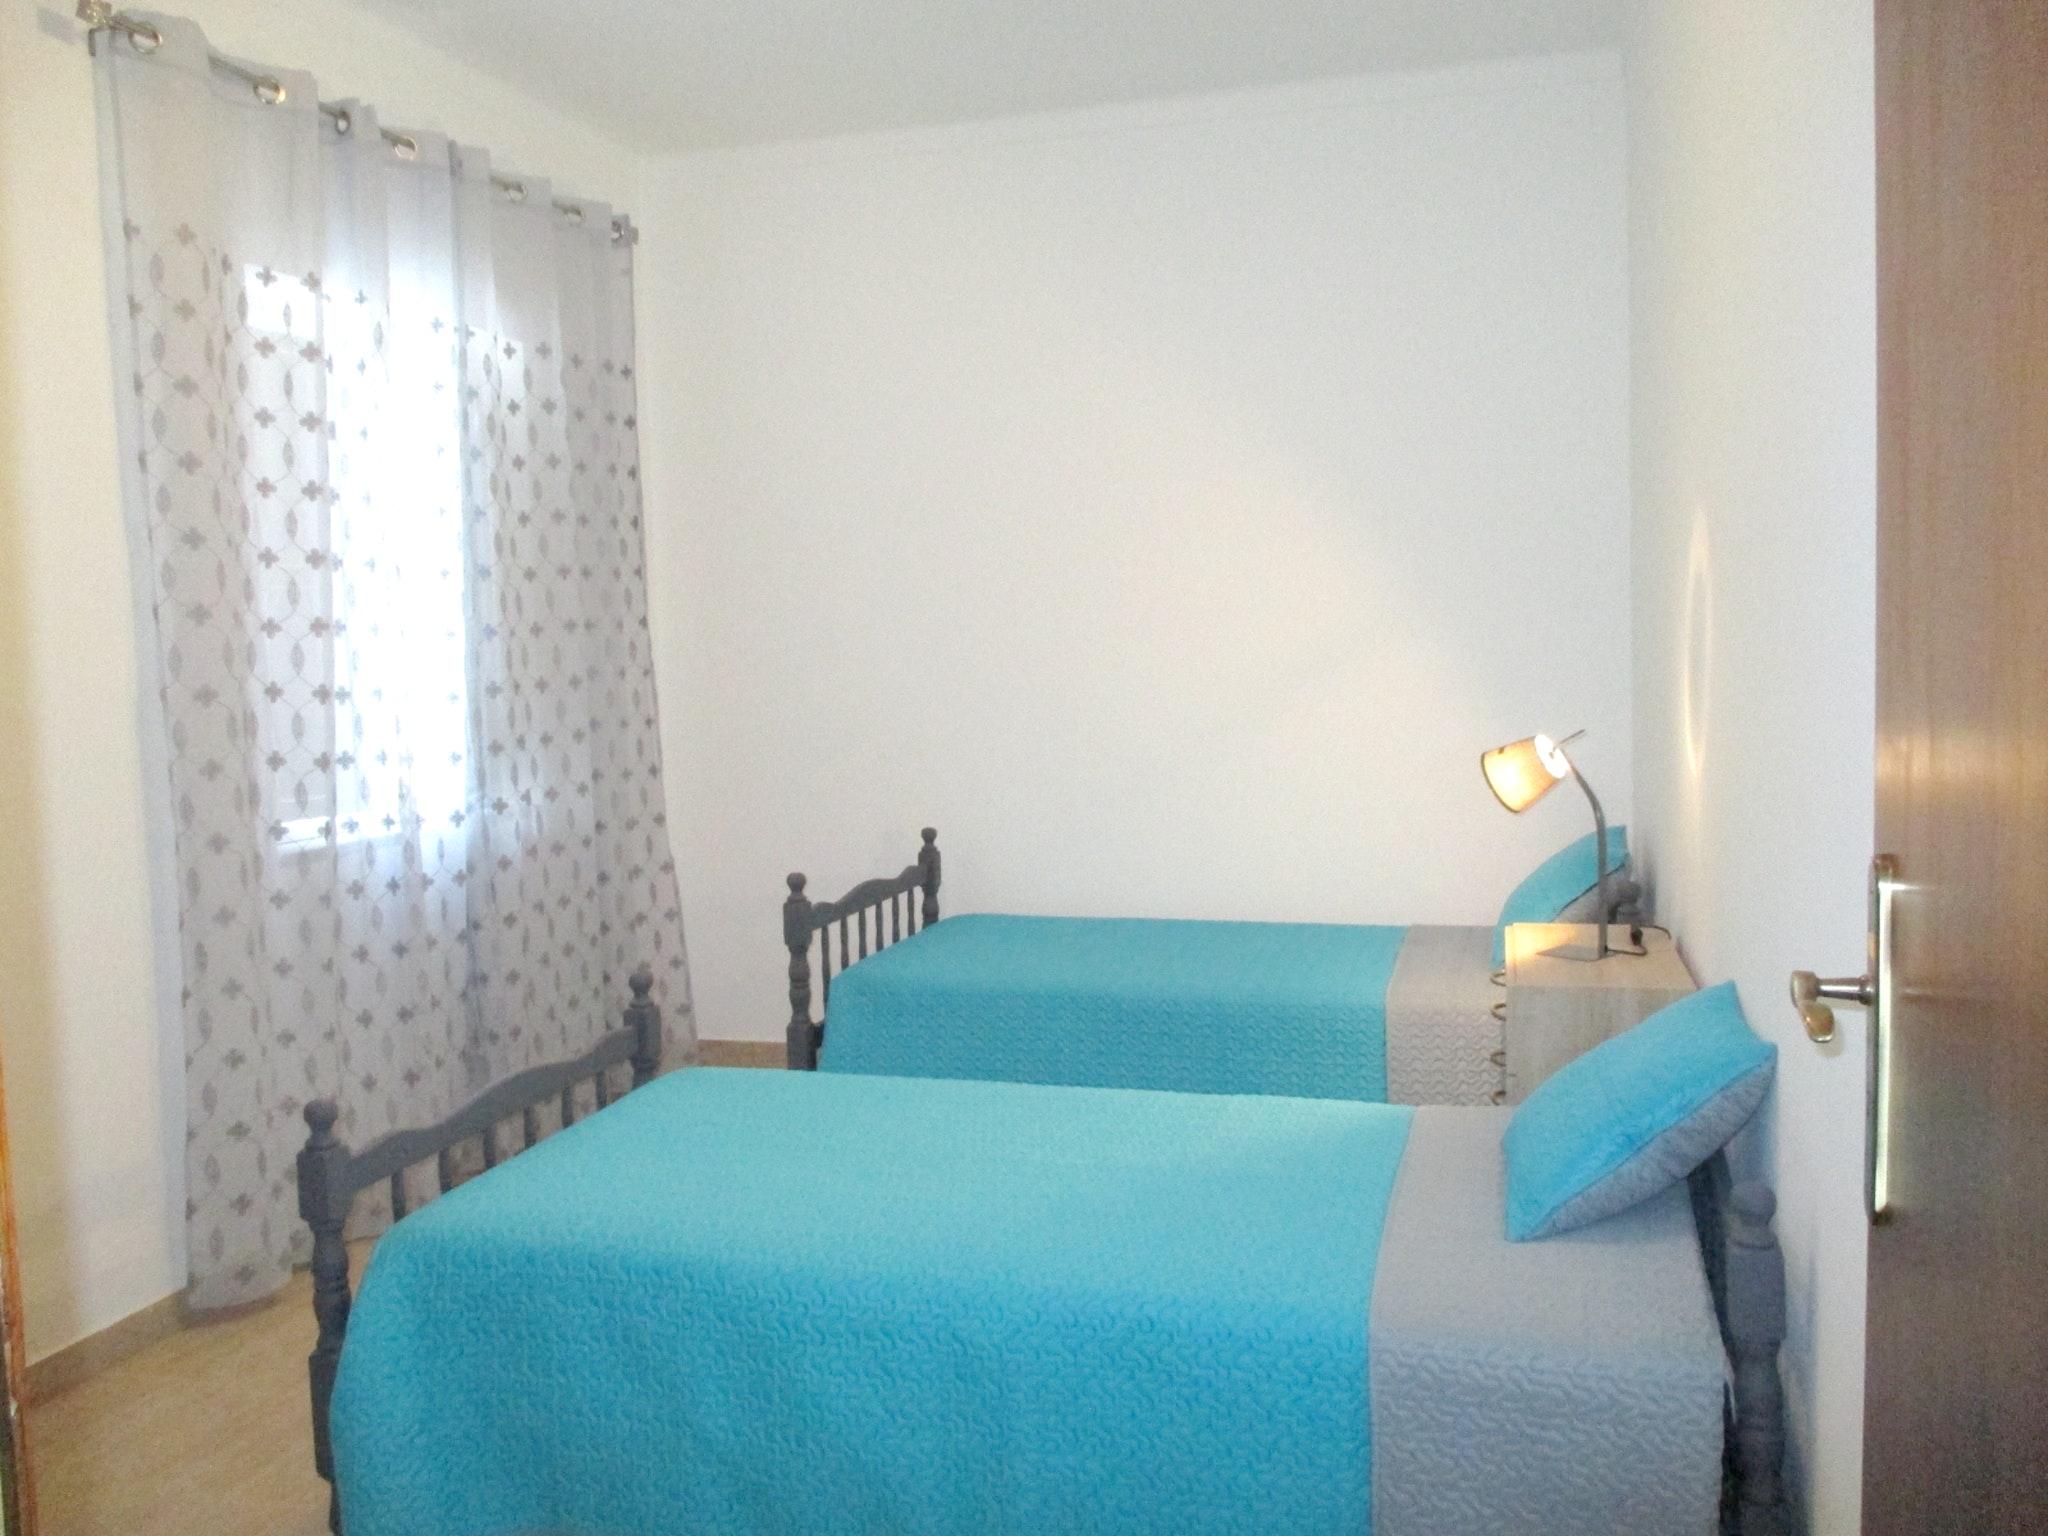 Ferienhaus Haus mit 3 Schlafzimmern in Luz (Luz de Tavira) mit eingezäuntem Garten - 2 km vom Strand  (2426449), Luz, Ria Formosa, Algarve, Portugal, Bild 8